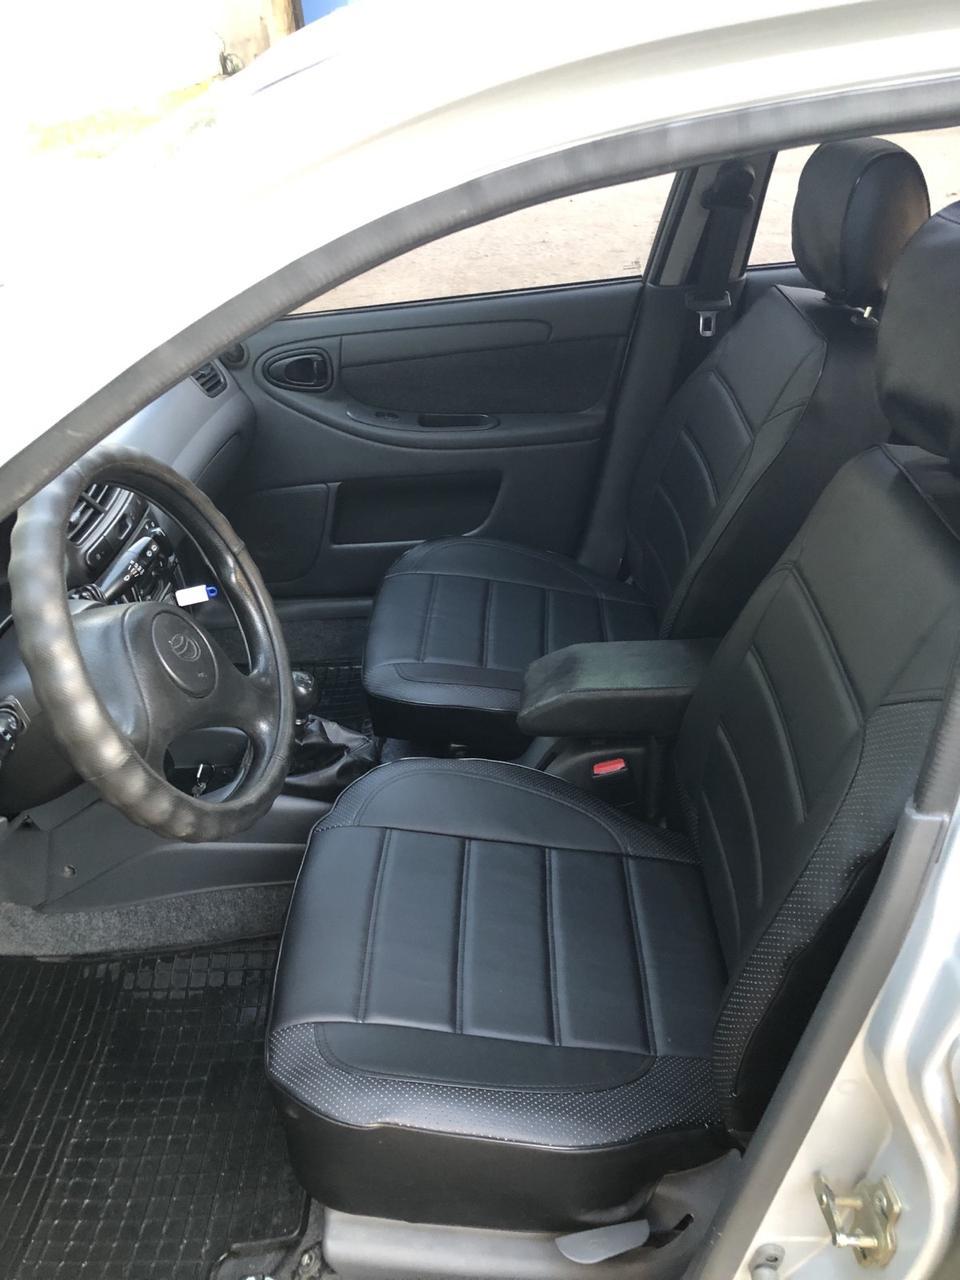 Чехлы на сиденья Фольксваген Пассат Б5+ (Volkswagen Passat B5+) модельные MAX-L из экокожи Черный